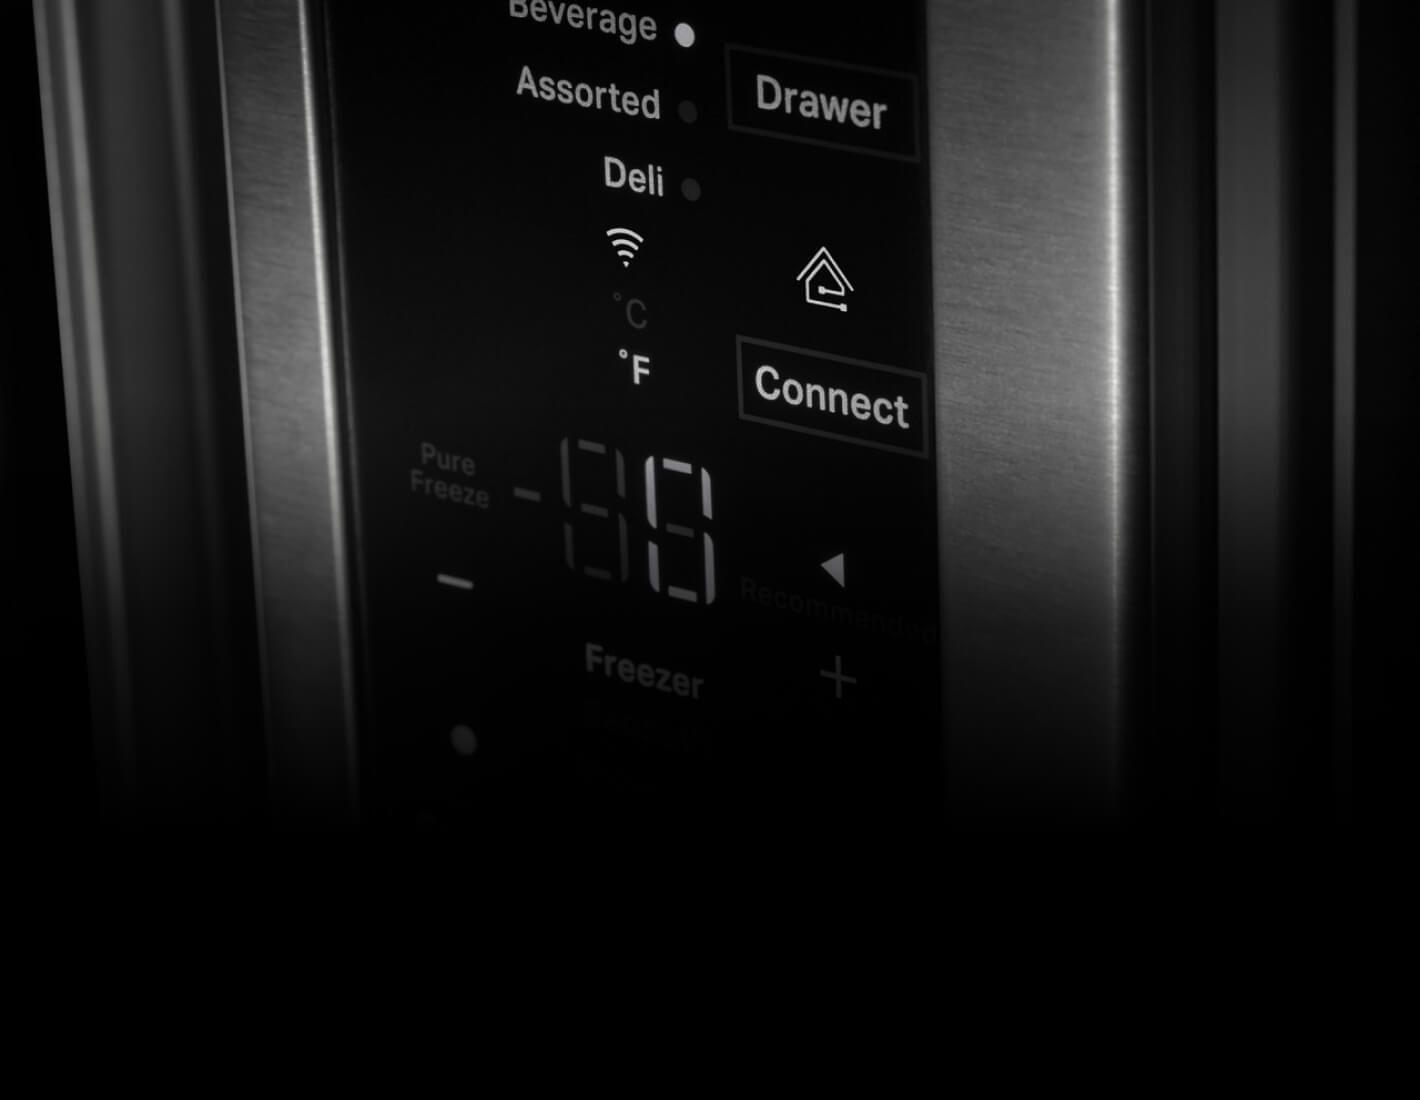 A closeup of refrigerator temperature controls